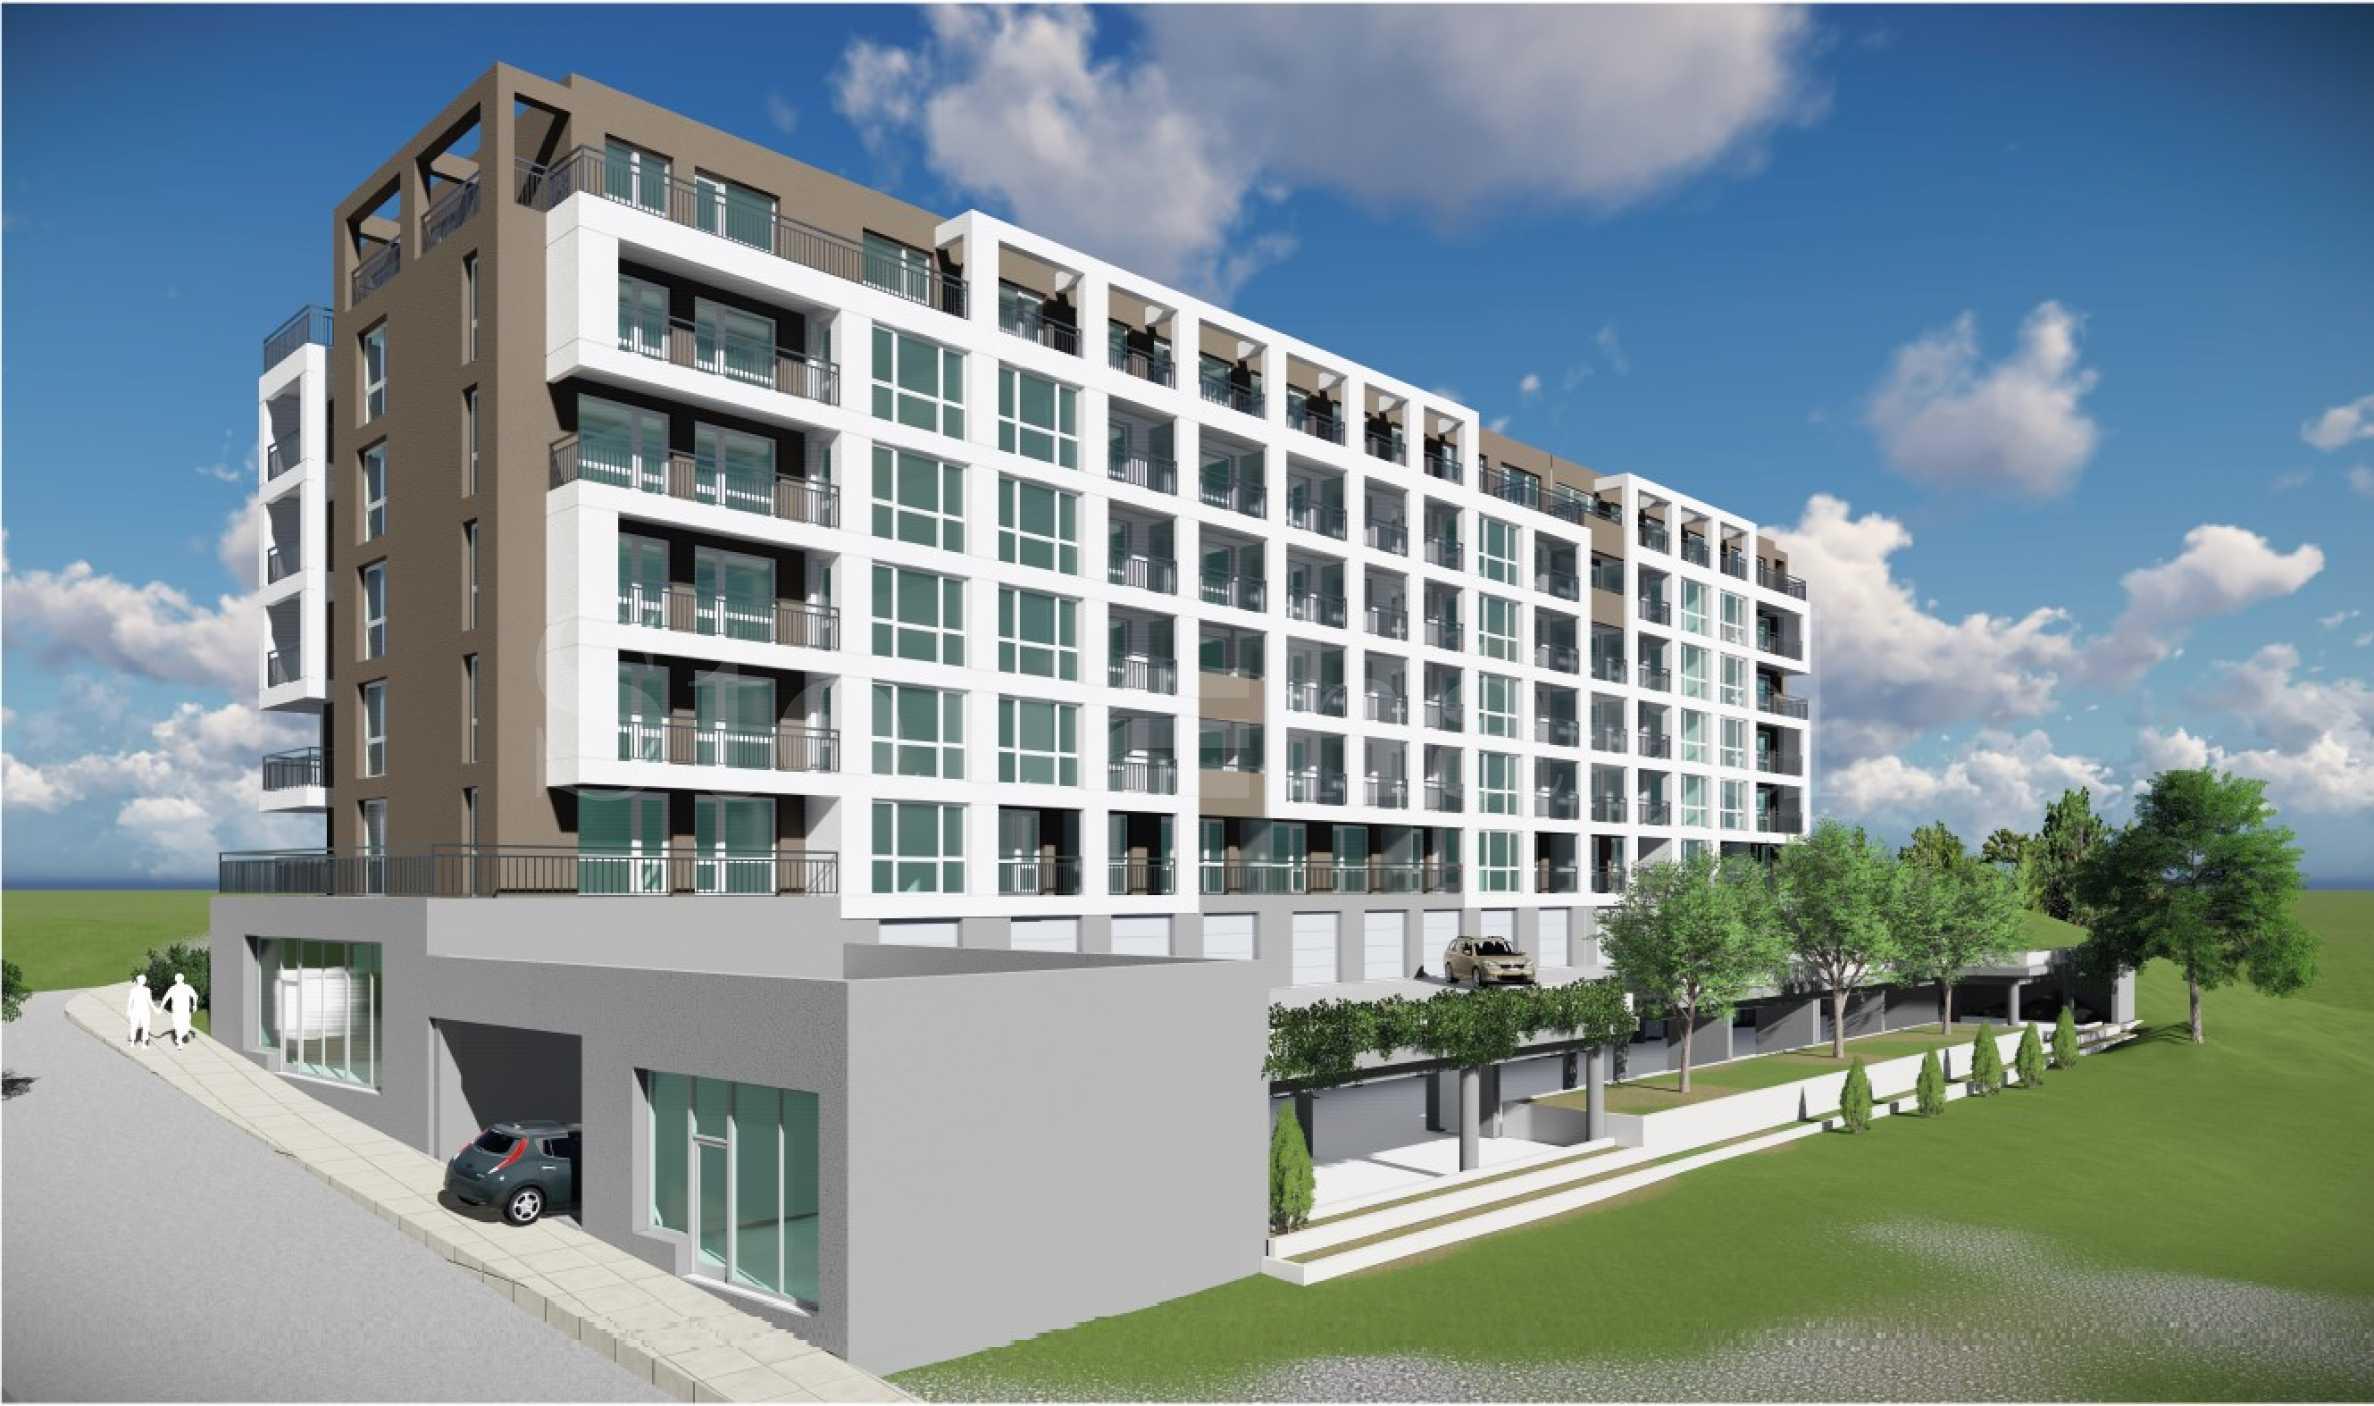 Нов комплекс с контролиран достъп до паркове и удобства в кв. Картала 1 - Stonehard